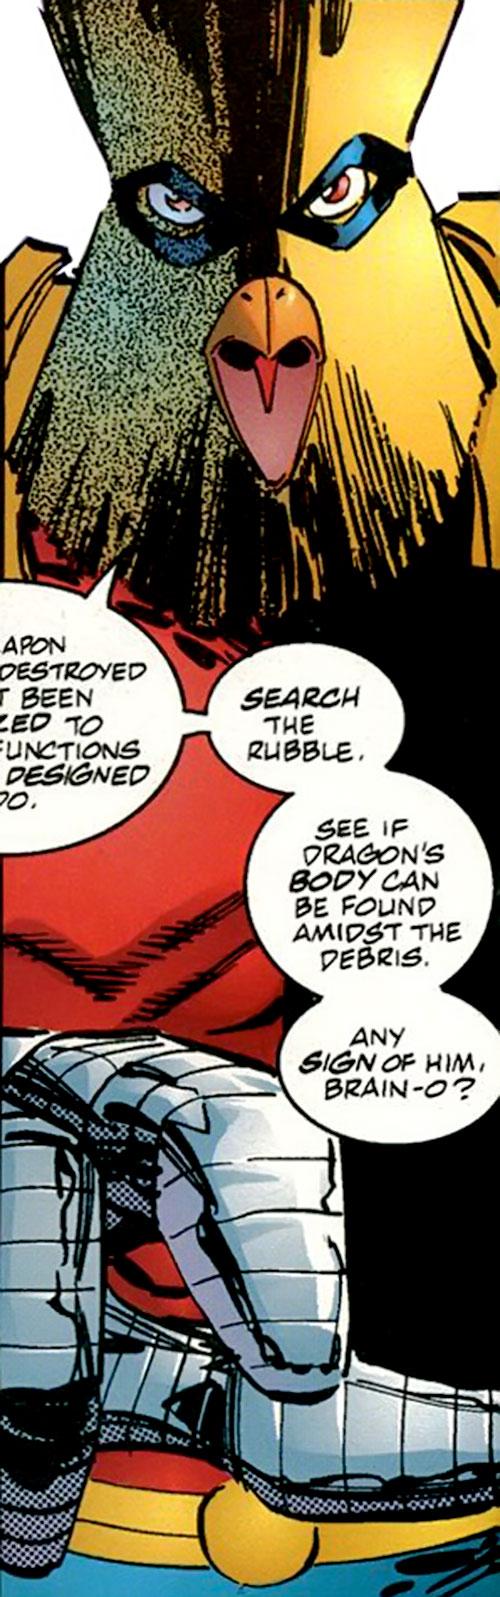 Powerhouse (Savage Dragon comics character) face closeup